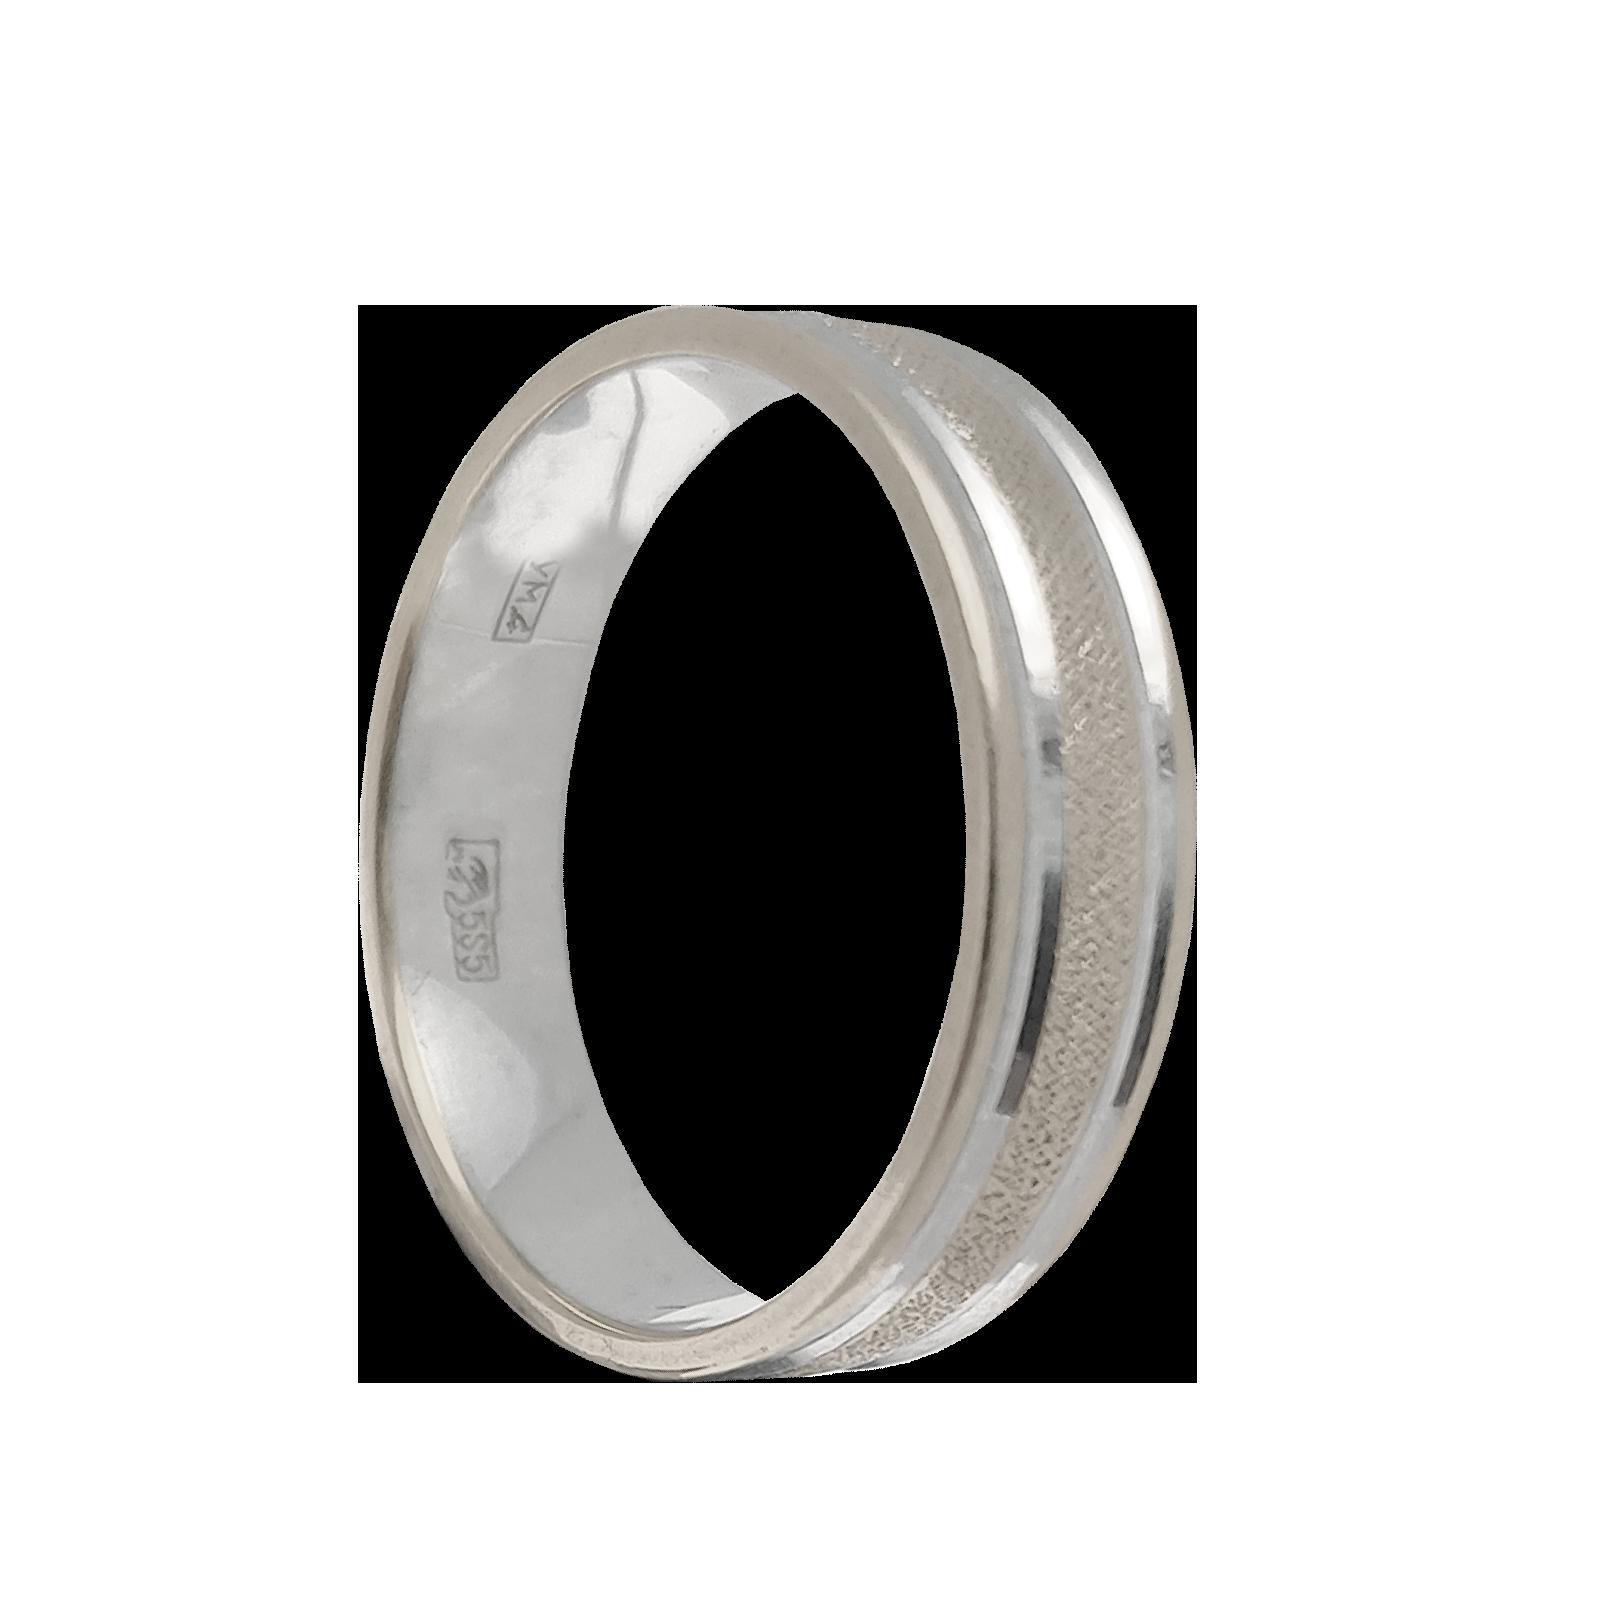 Кольцо обручальное иззолота без камня